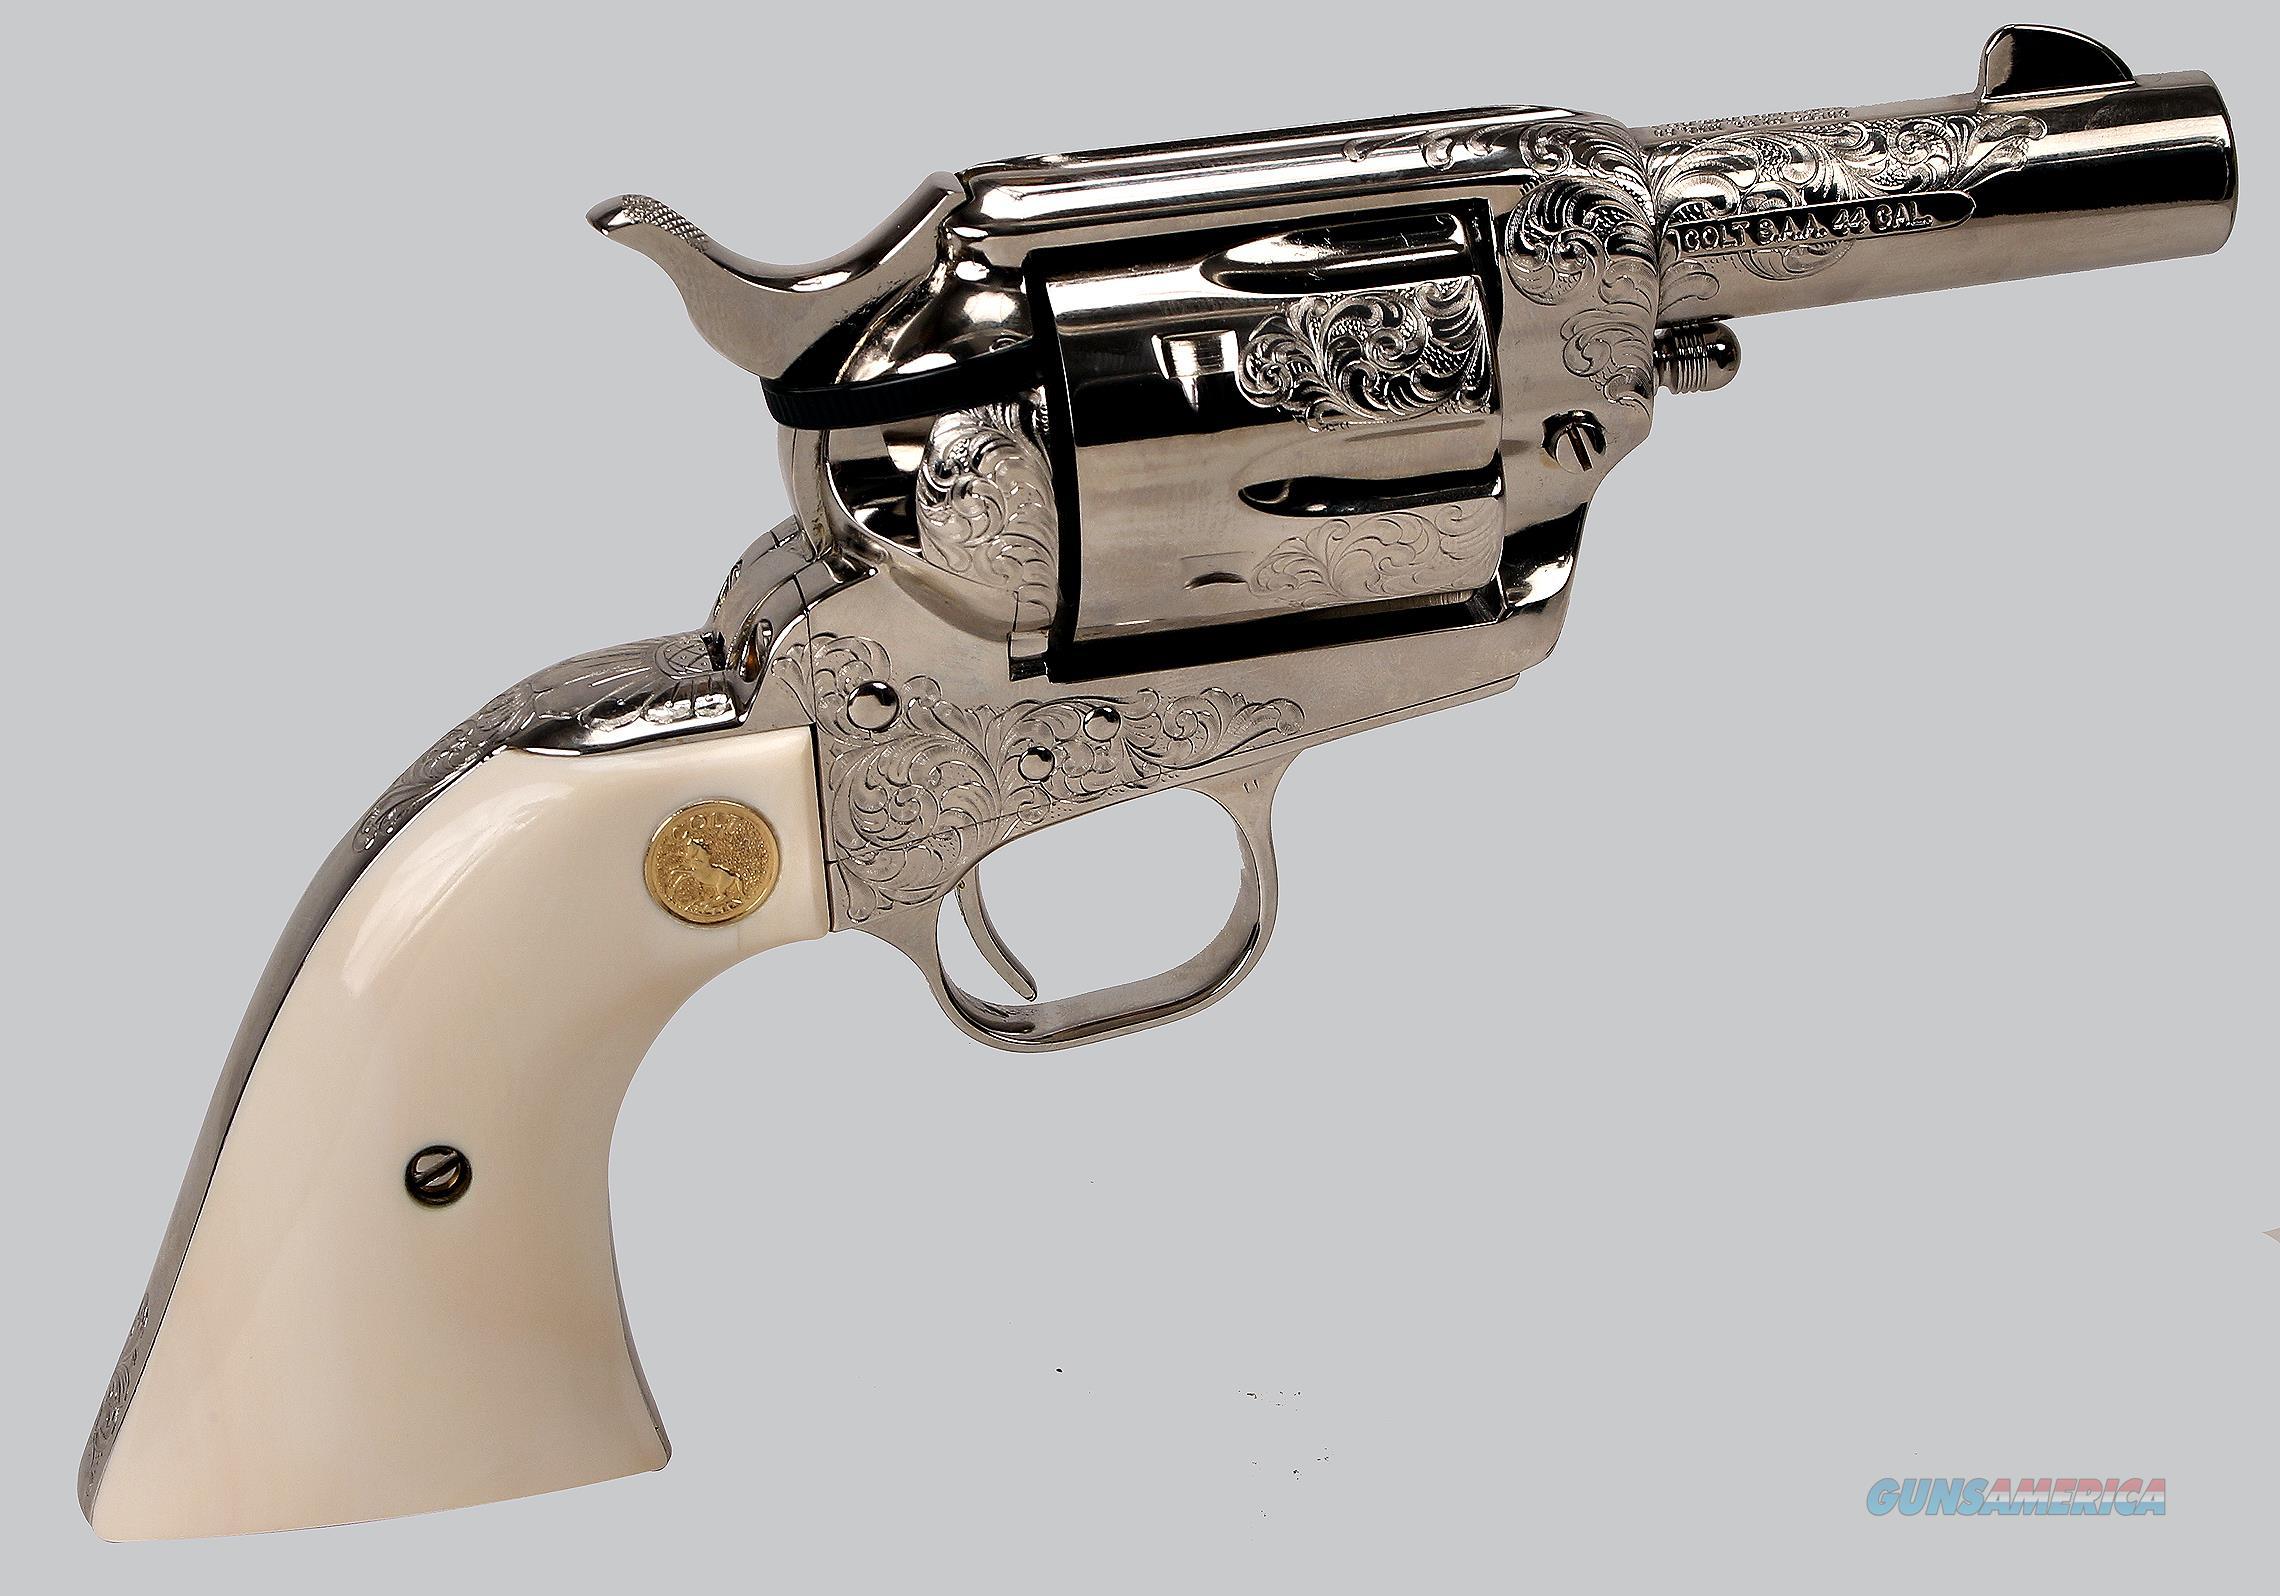 Colt Sheriffs Model 44spl/44-40cal Revolver  Guns > Pistols > Colt Commemorative Pistols